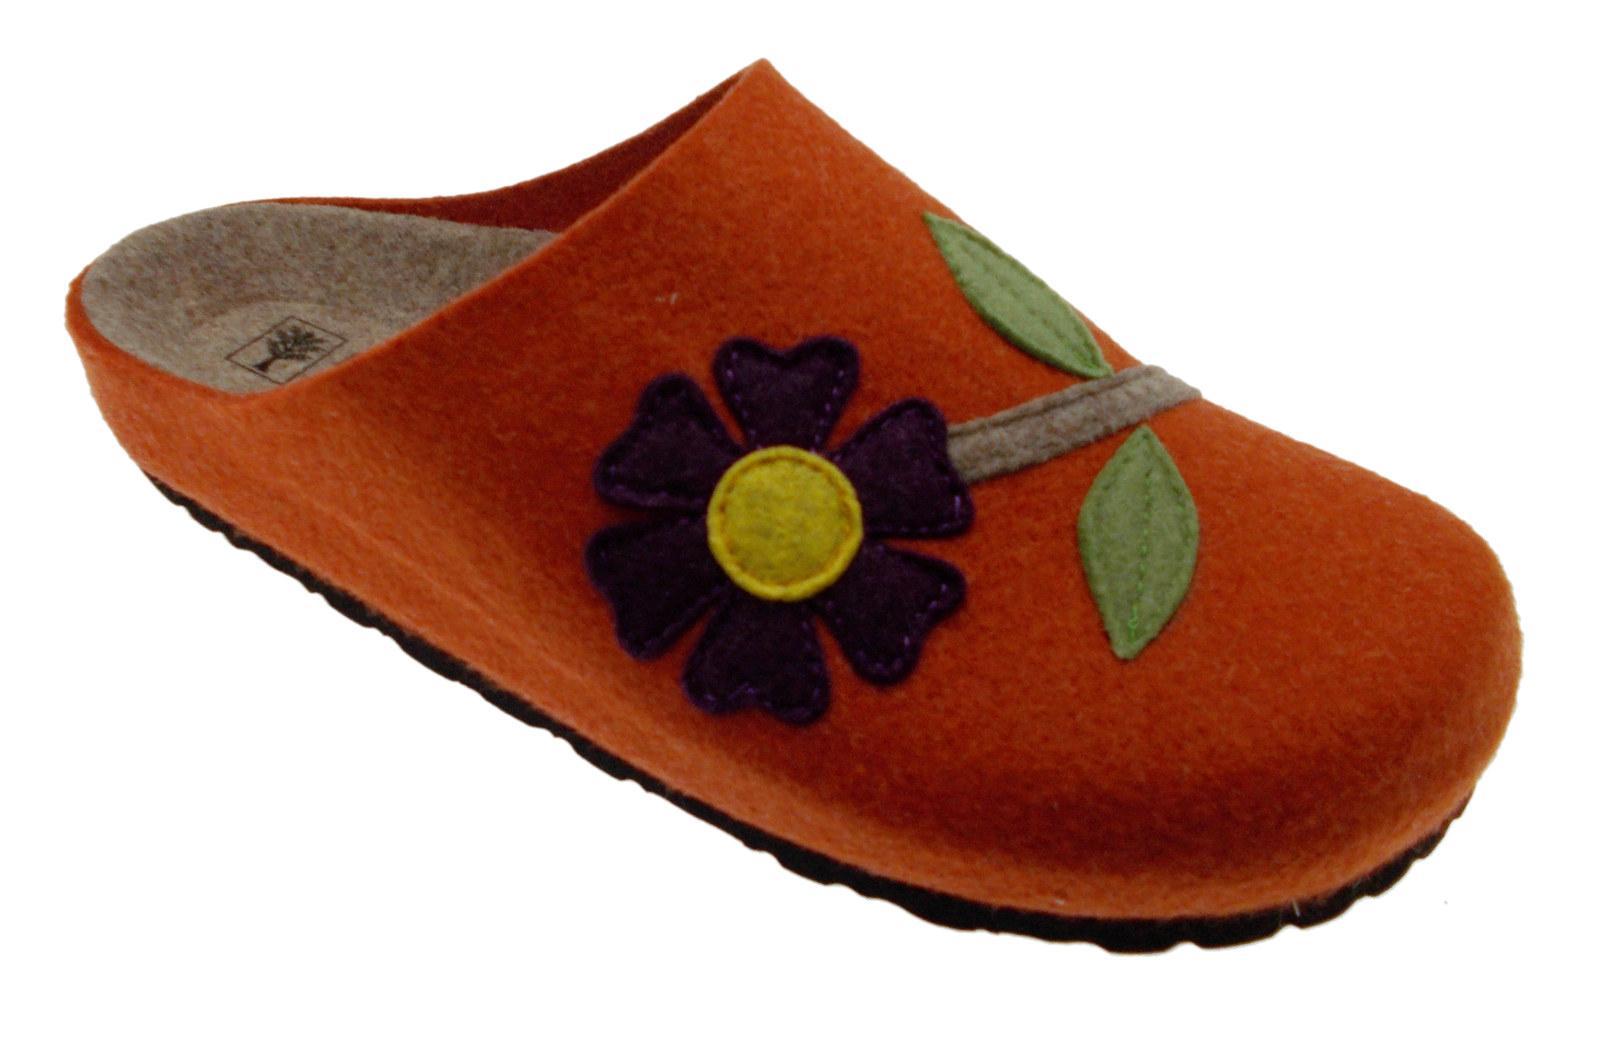 Ciabatta arancione panno lana cotta art 19.601 fiore Riposella